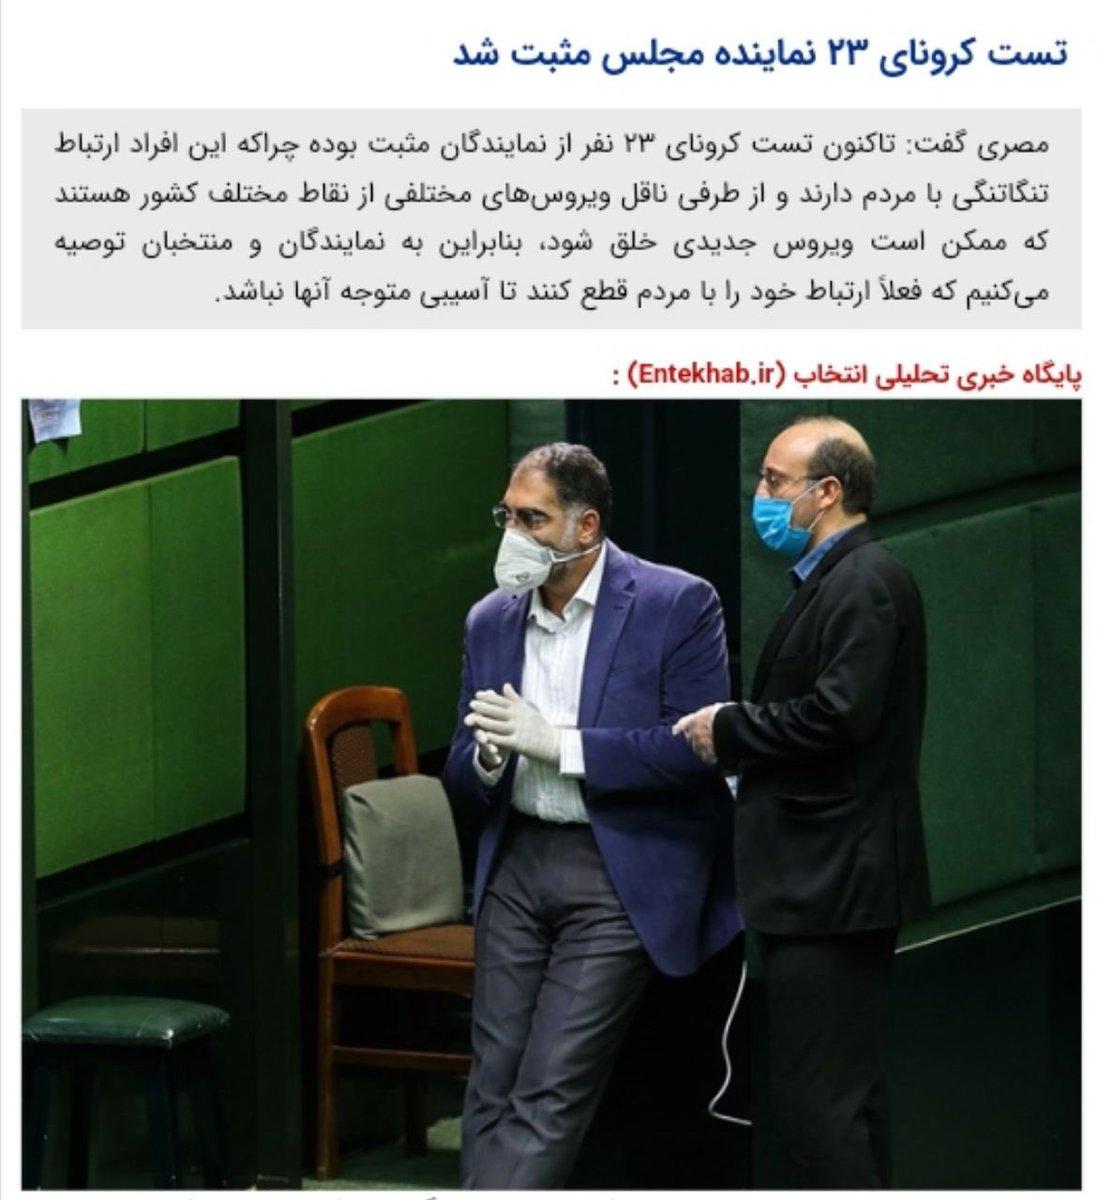 نتيجة بحث الصور عن البرلمان الإيراني كورونا